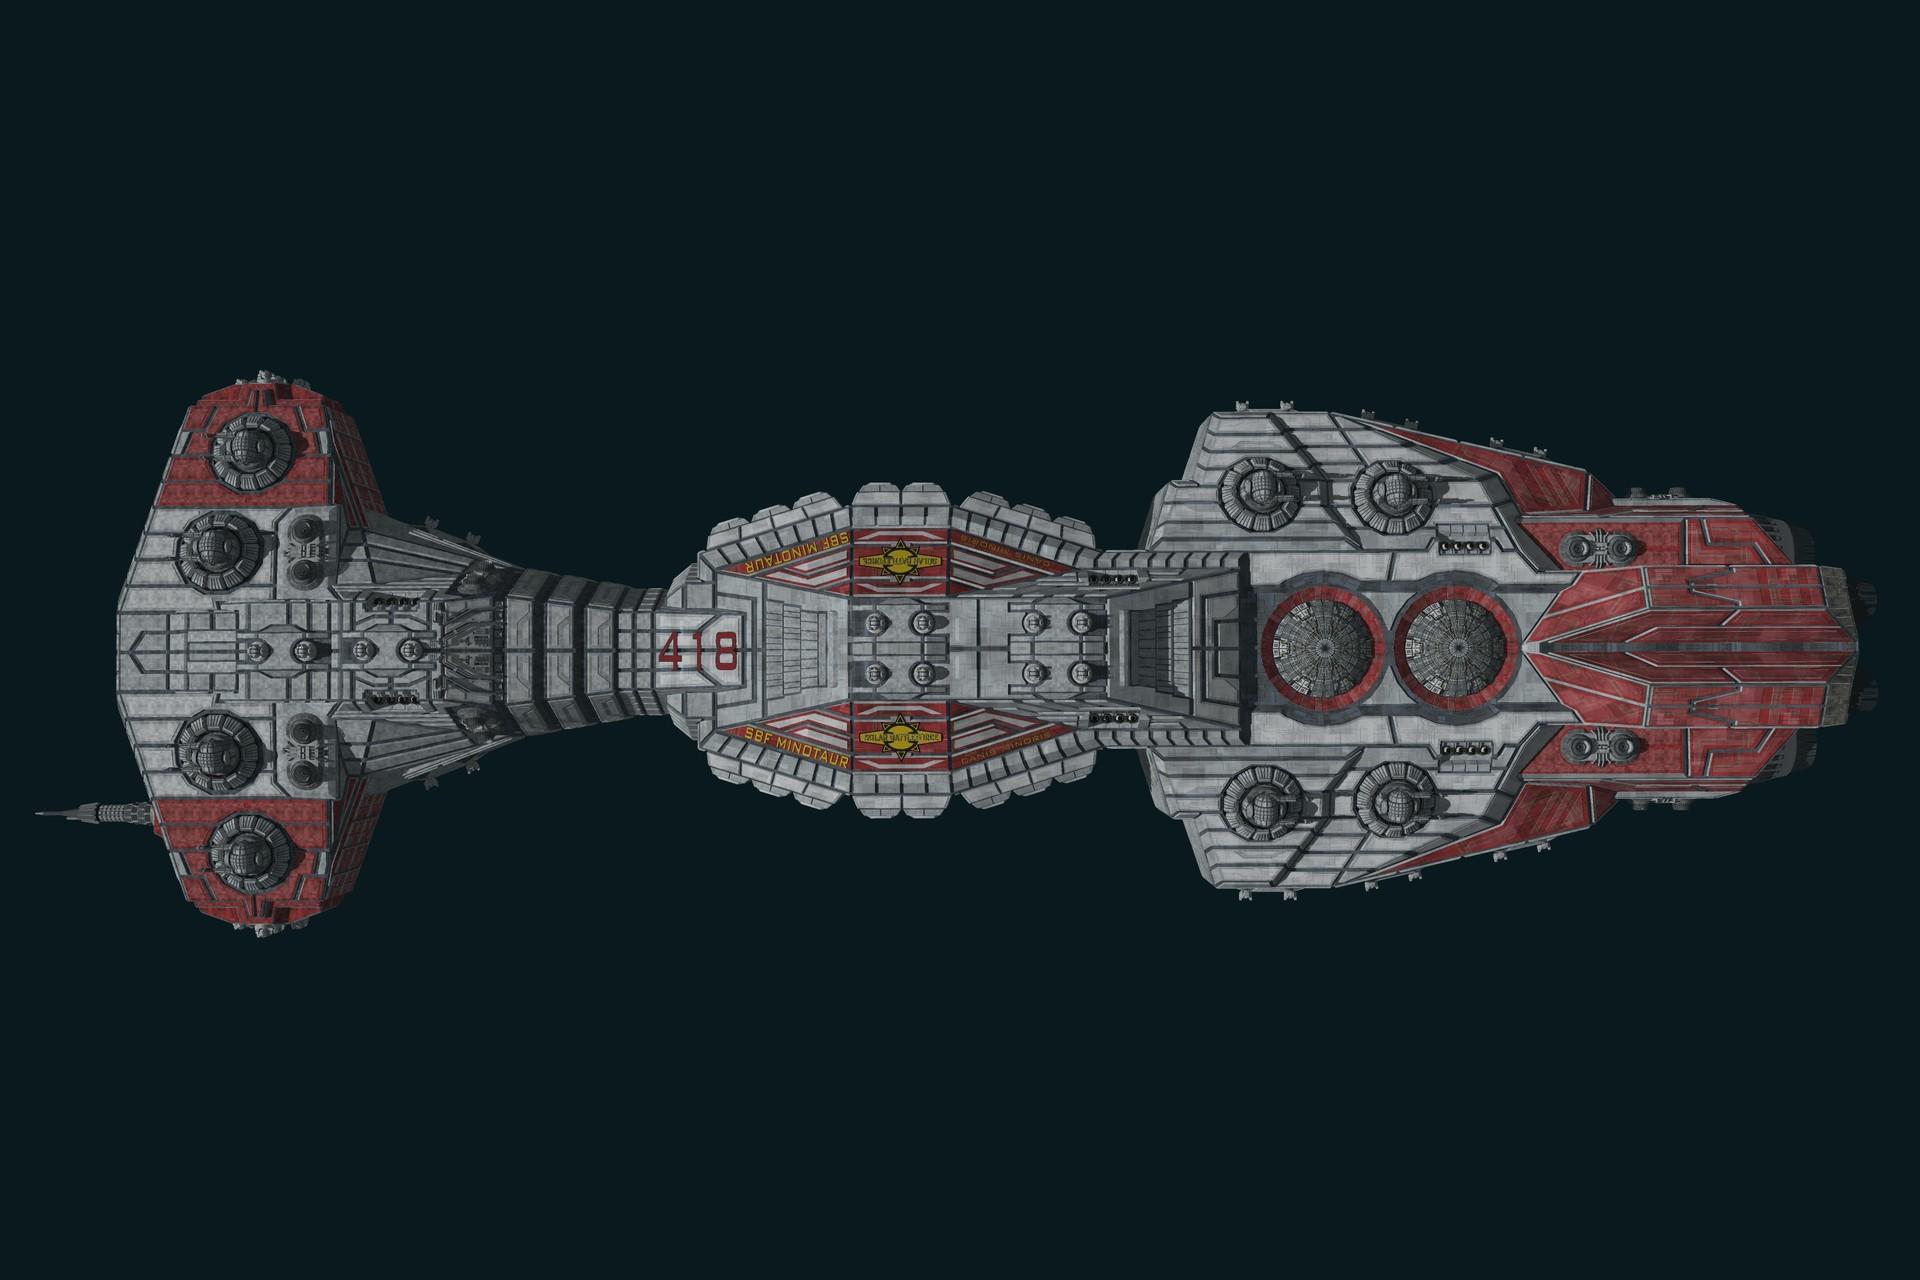 Joachim sverd carrier strike ship15